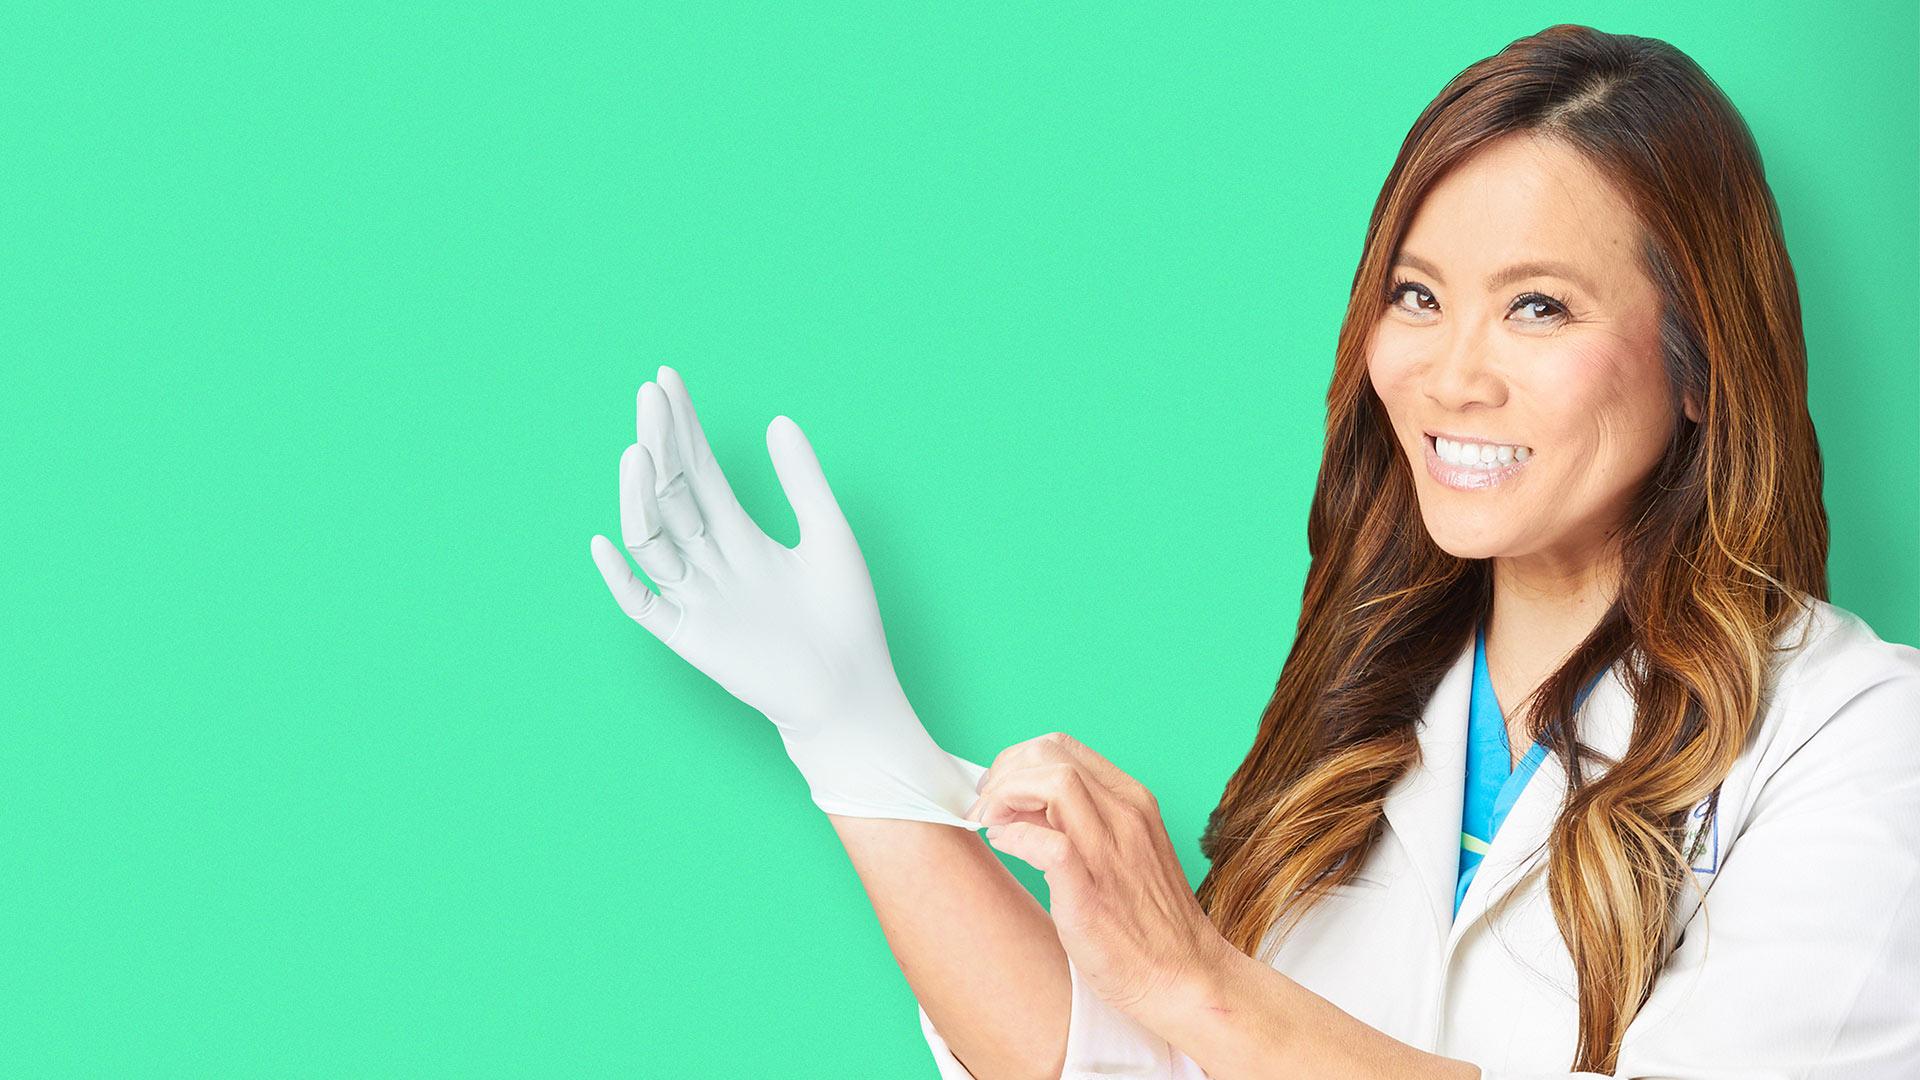 Dr Pimple Popper | Season 1 Episode 4 | Sky com